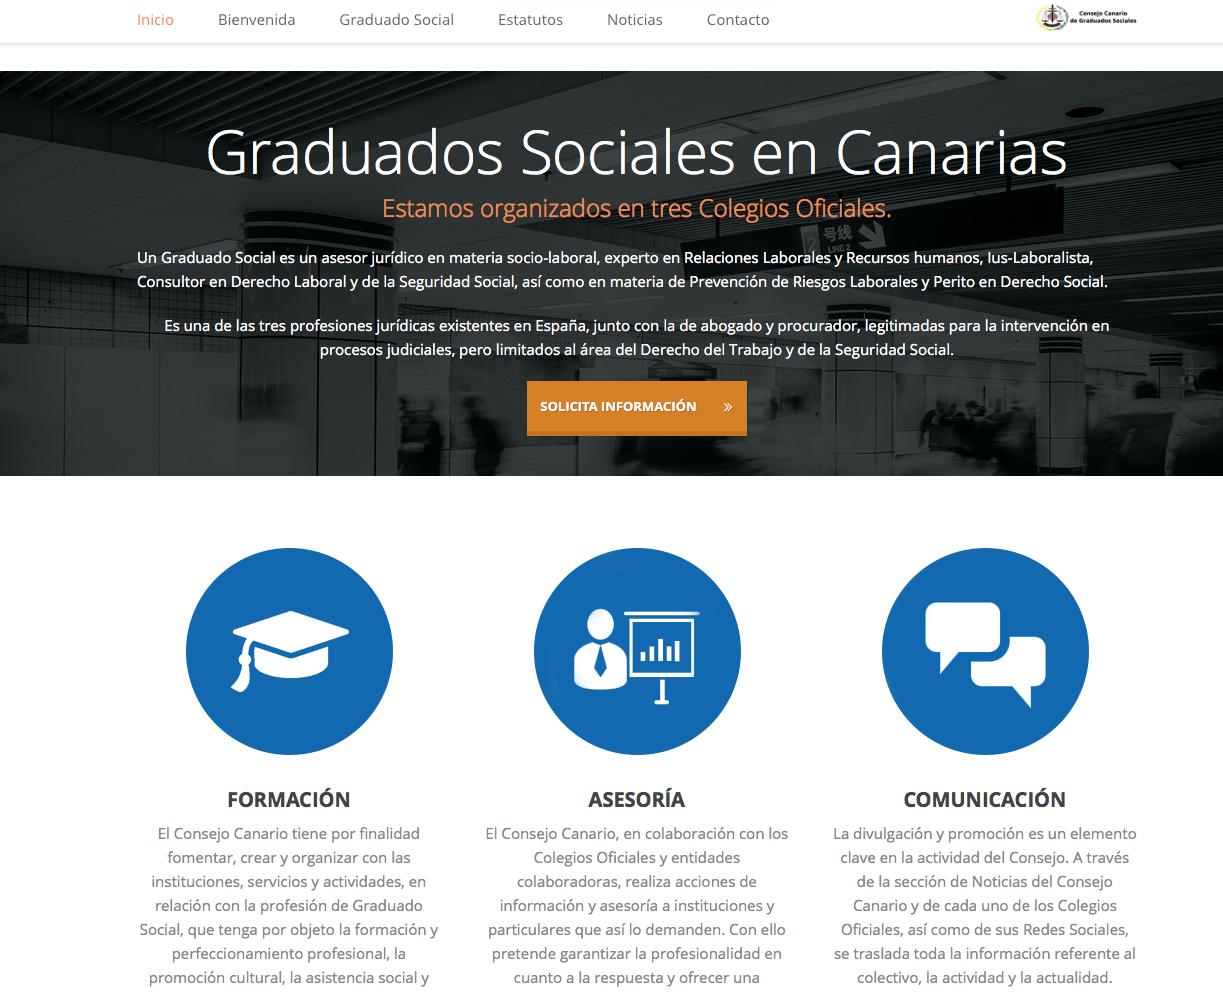 web consejo canario gs 2